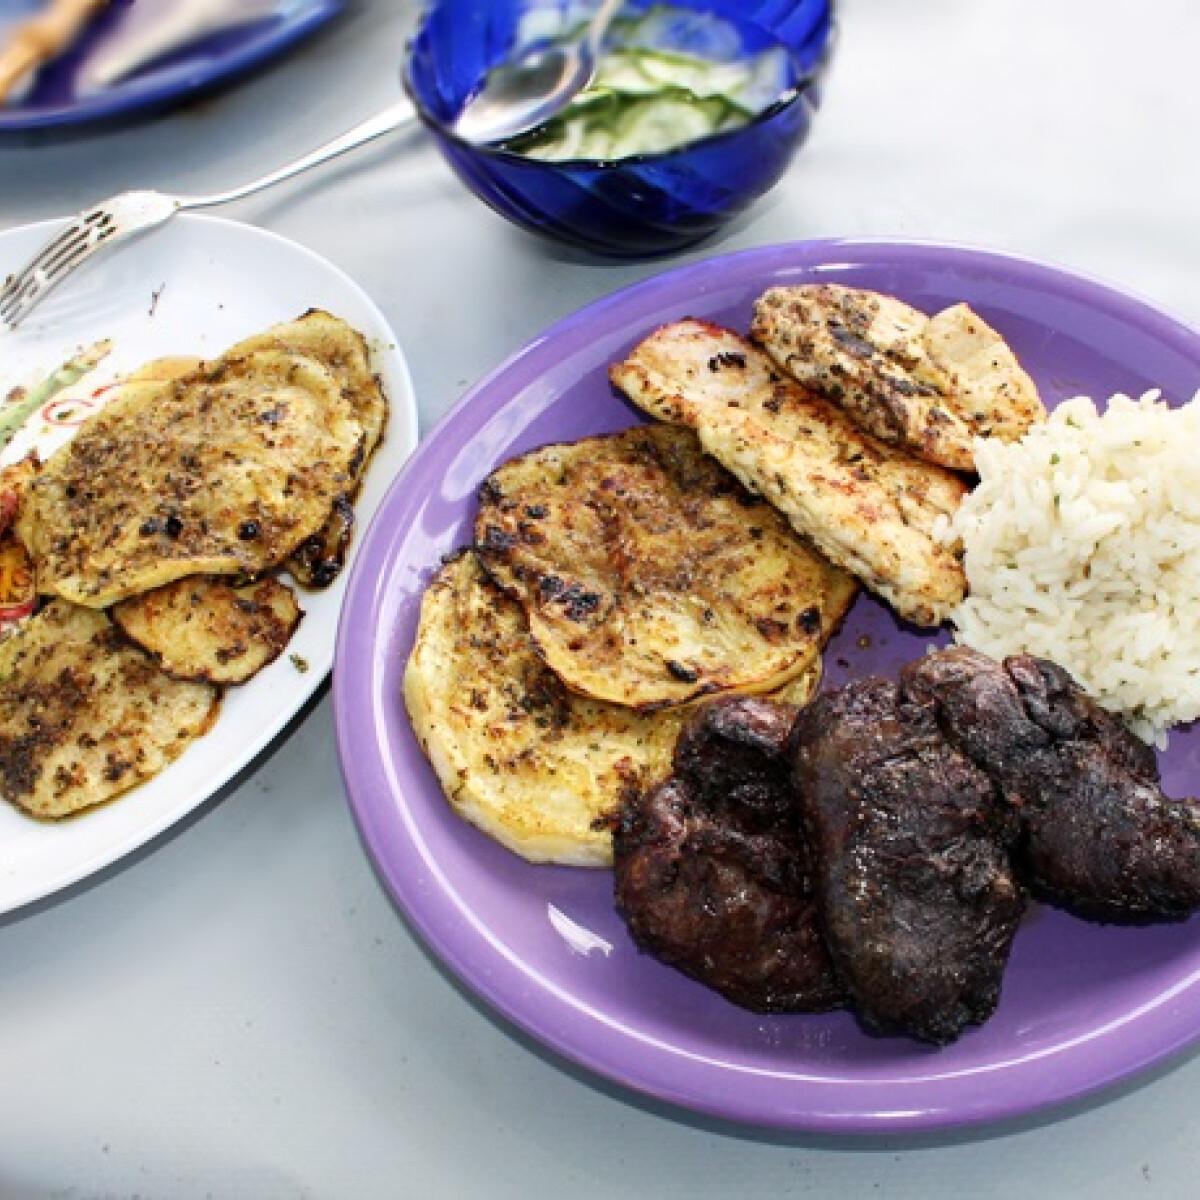 Ezen a képen: Grillezett csirkemell és -máj